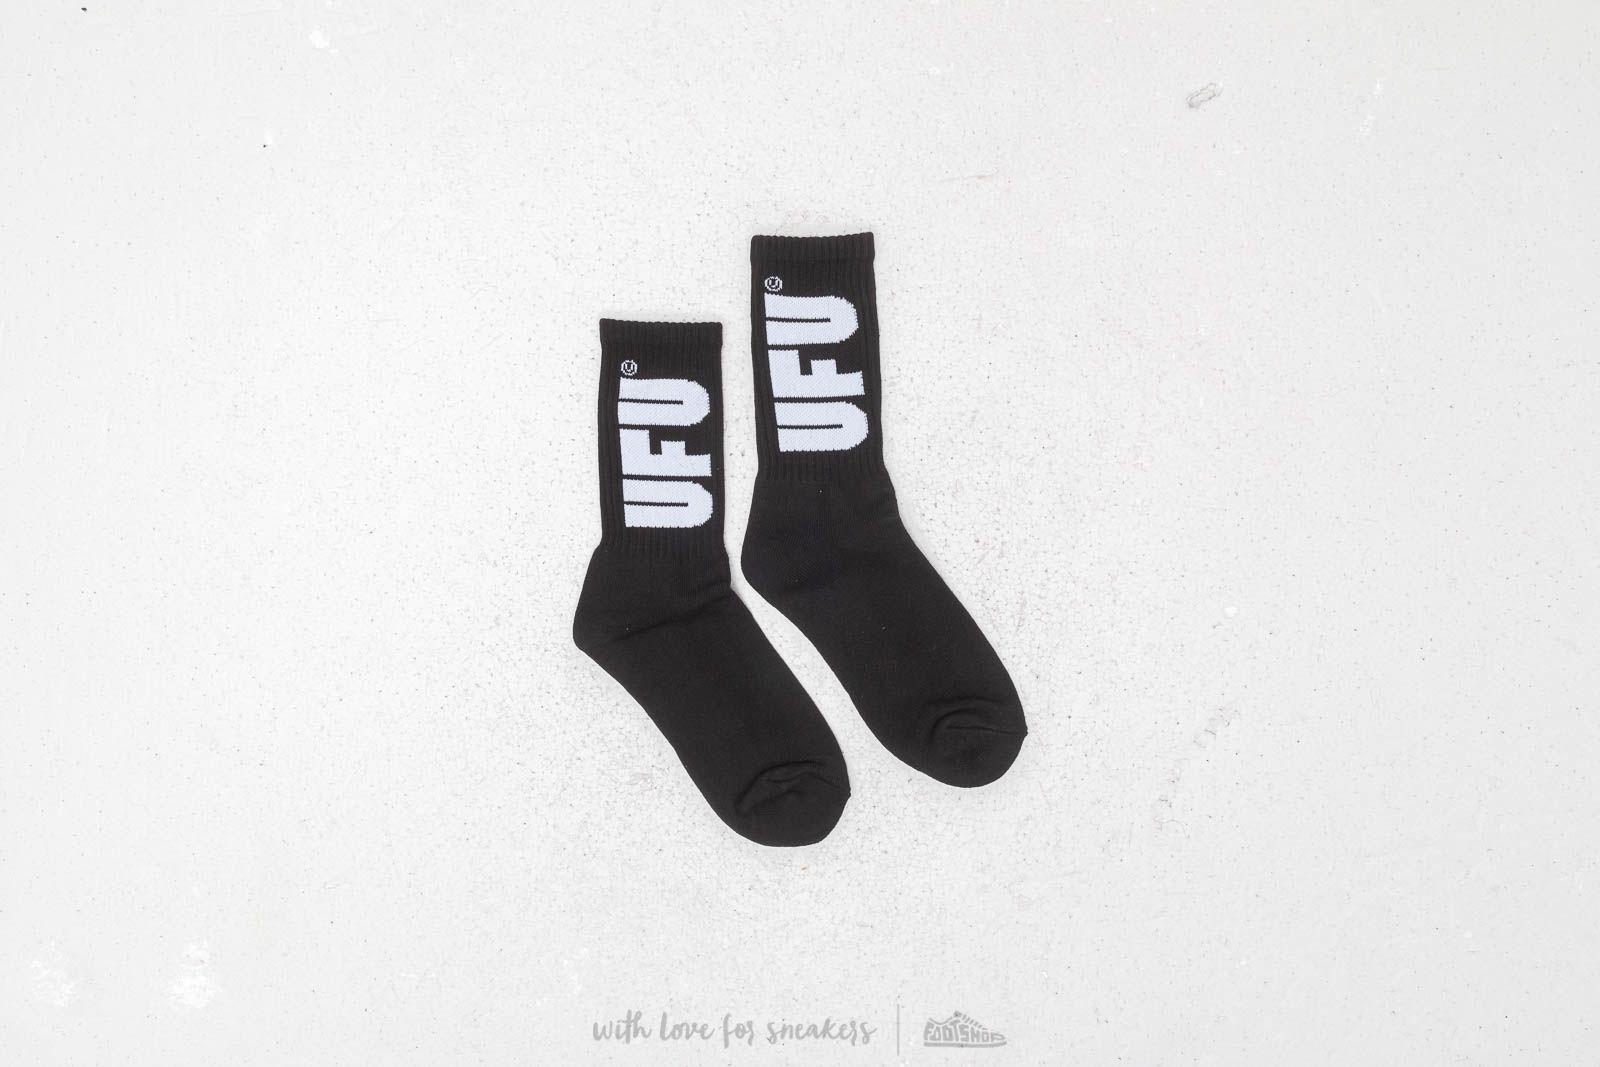 Used Future Socks